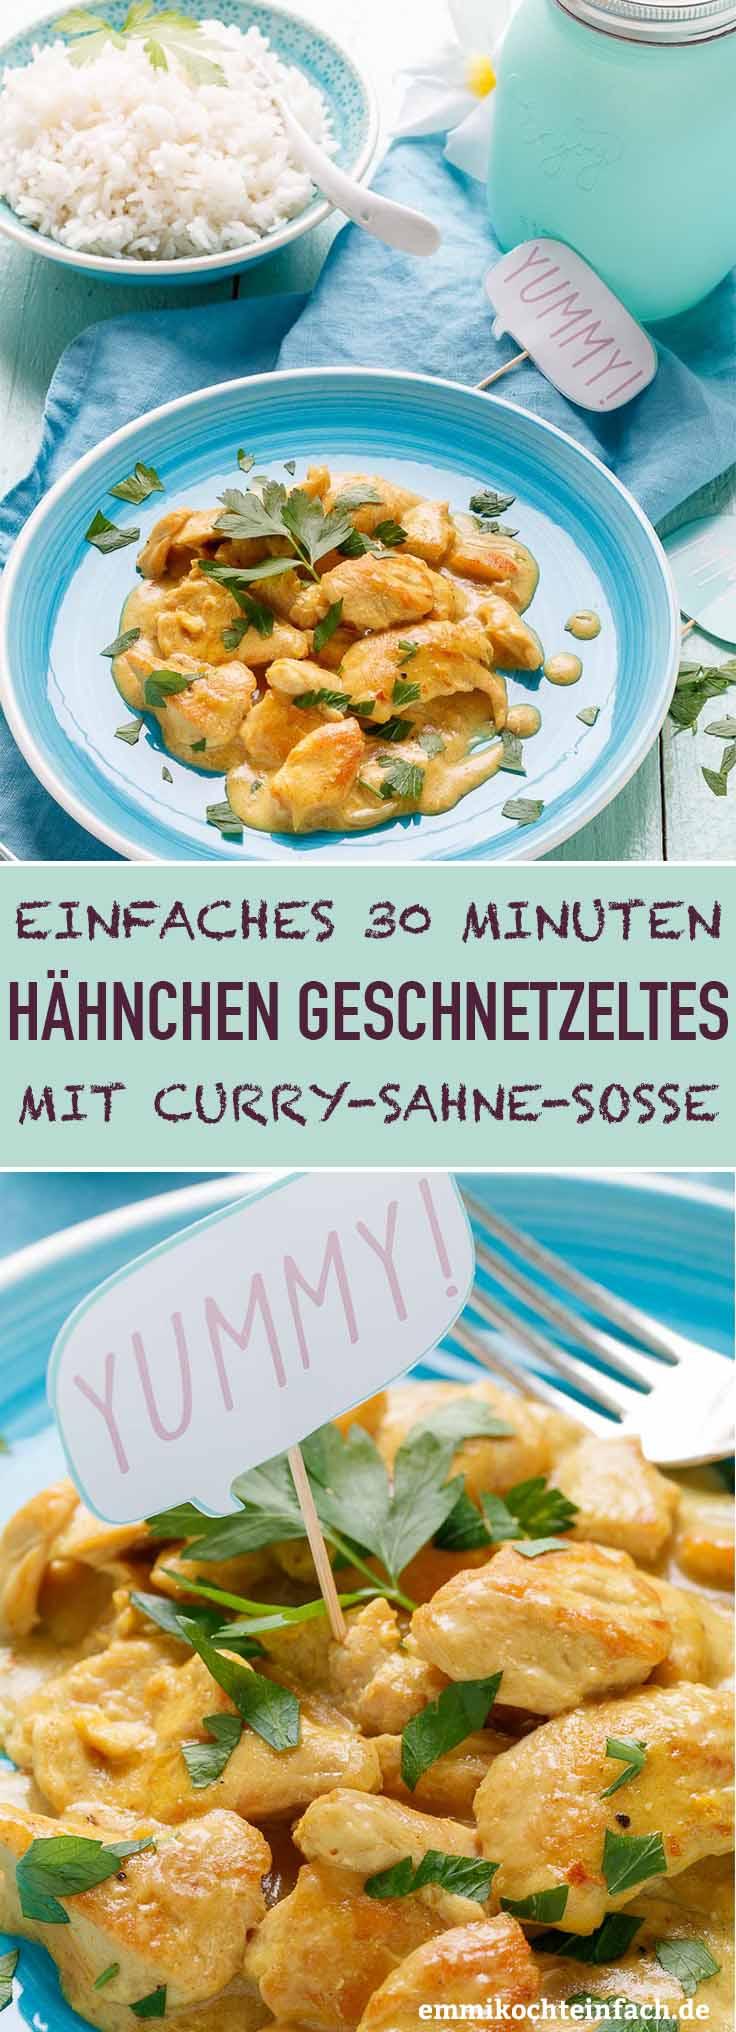 Currygeschnetzeltes vom Huhn mit Sahnesoße - www.emmikochteinfach.de